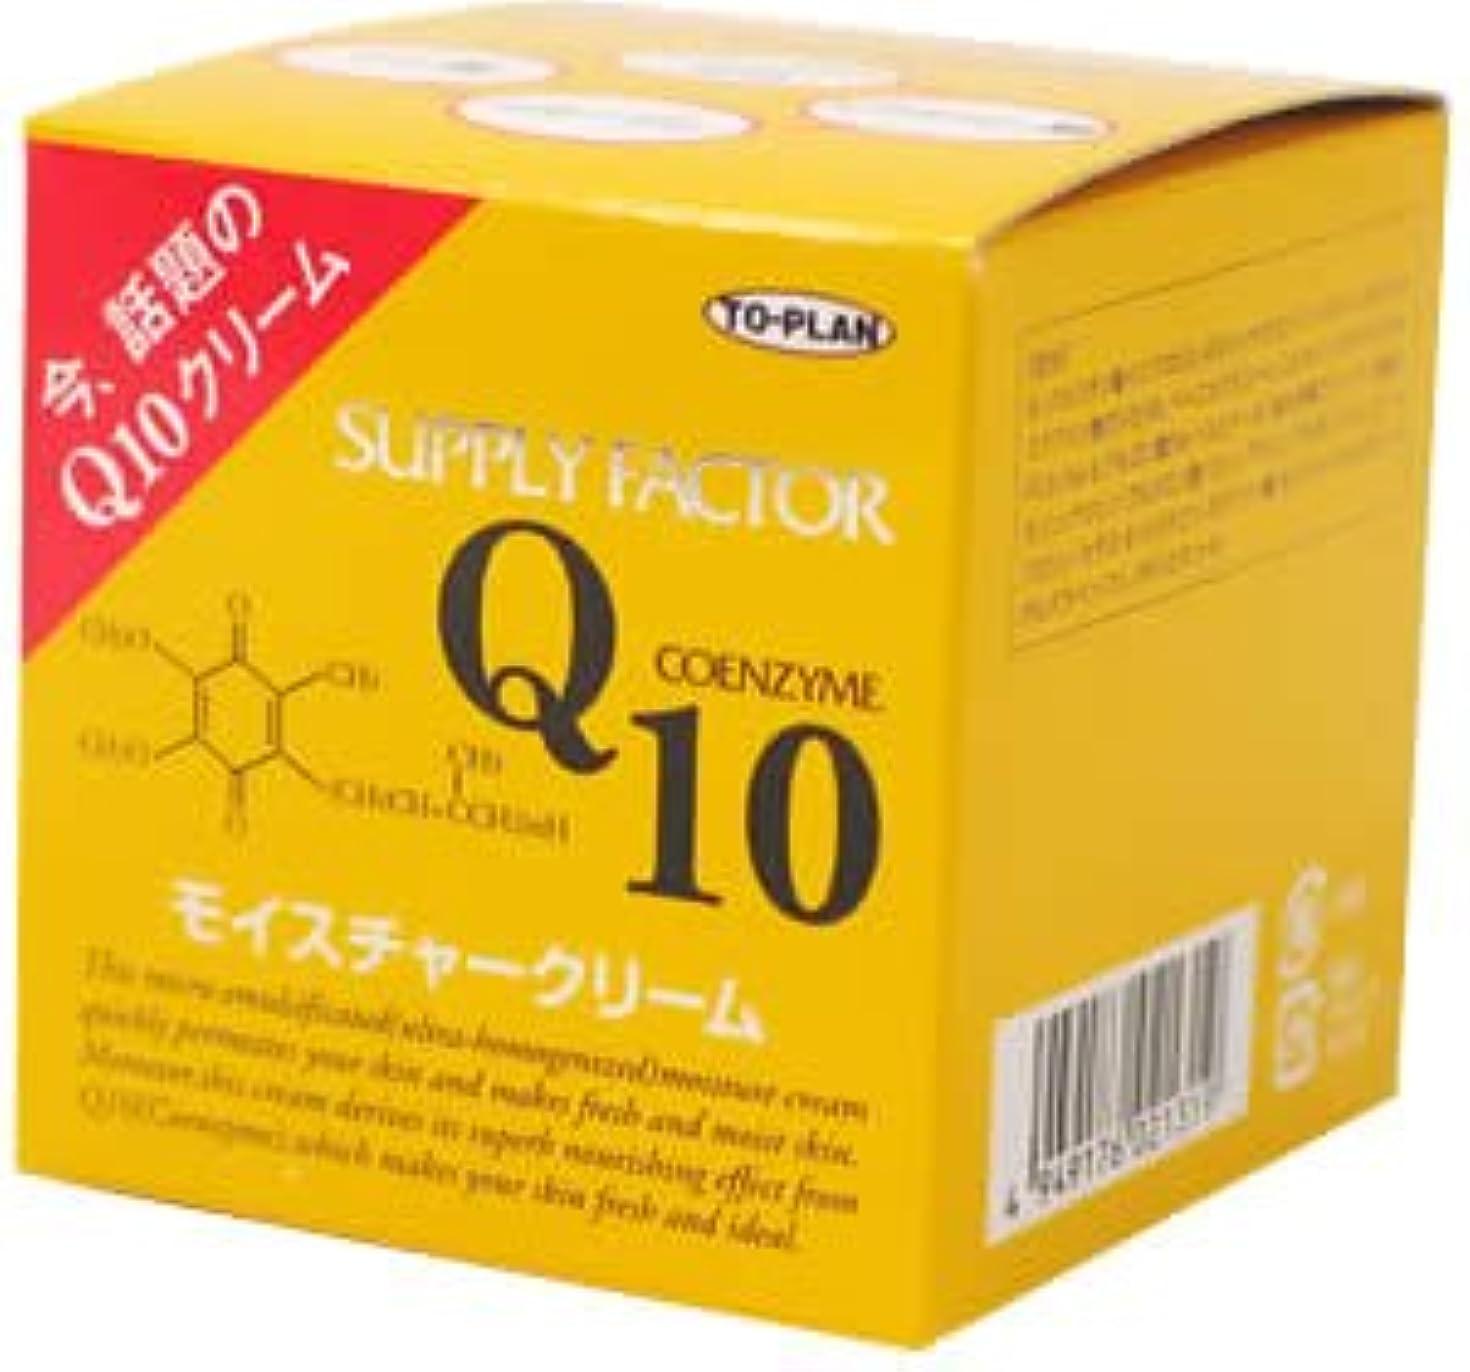 振る舞い覆す完璧TO-PLAN(トプラン) Q10モイスチャークリーム 110g